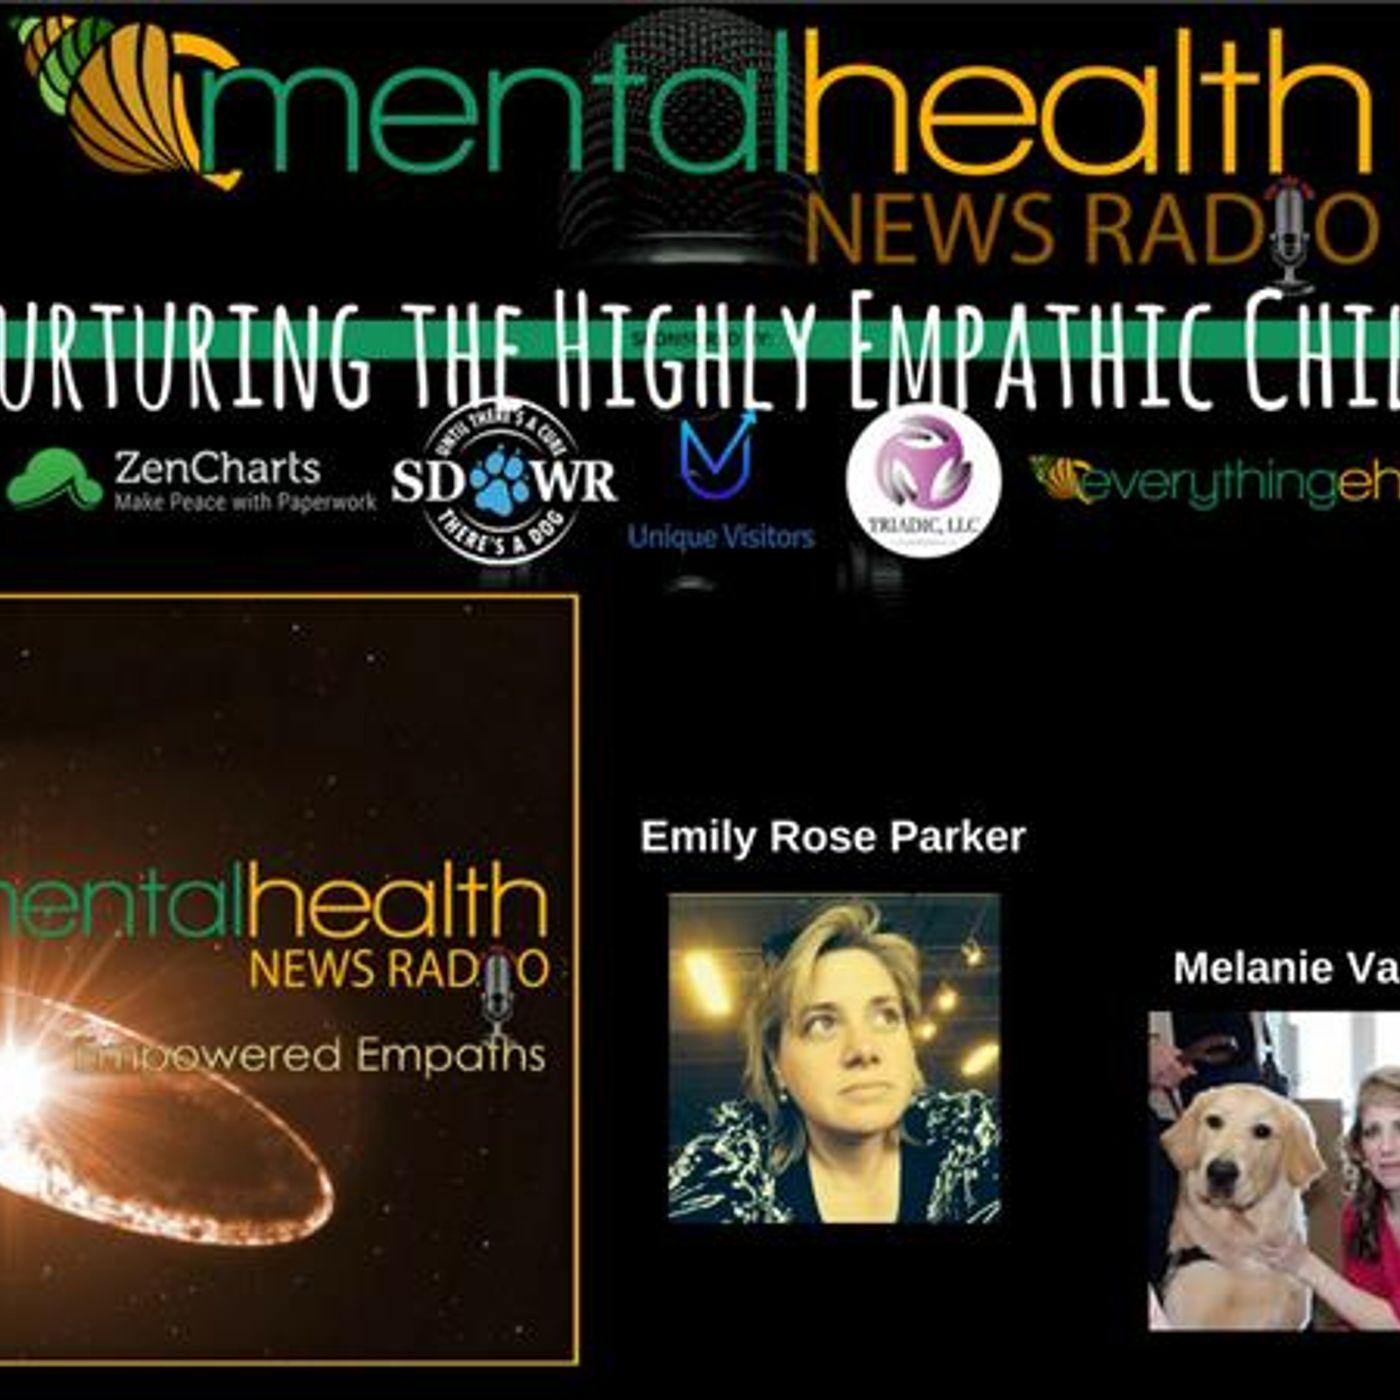 Mental Health News Radio - Empowered Empaths: Nurturing the Highly Empathic Child